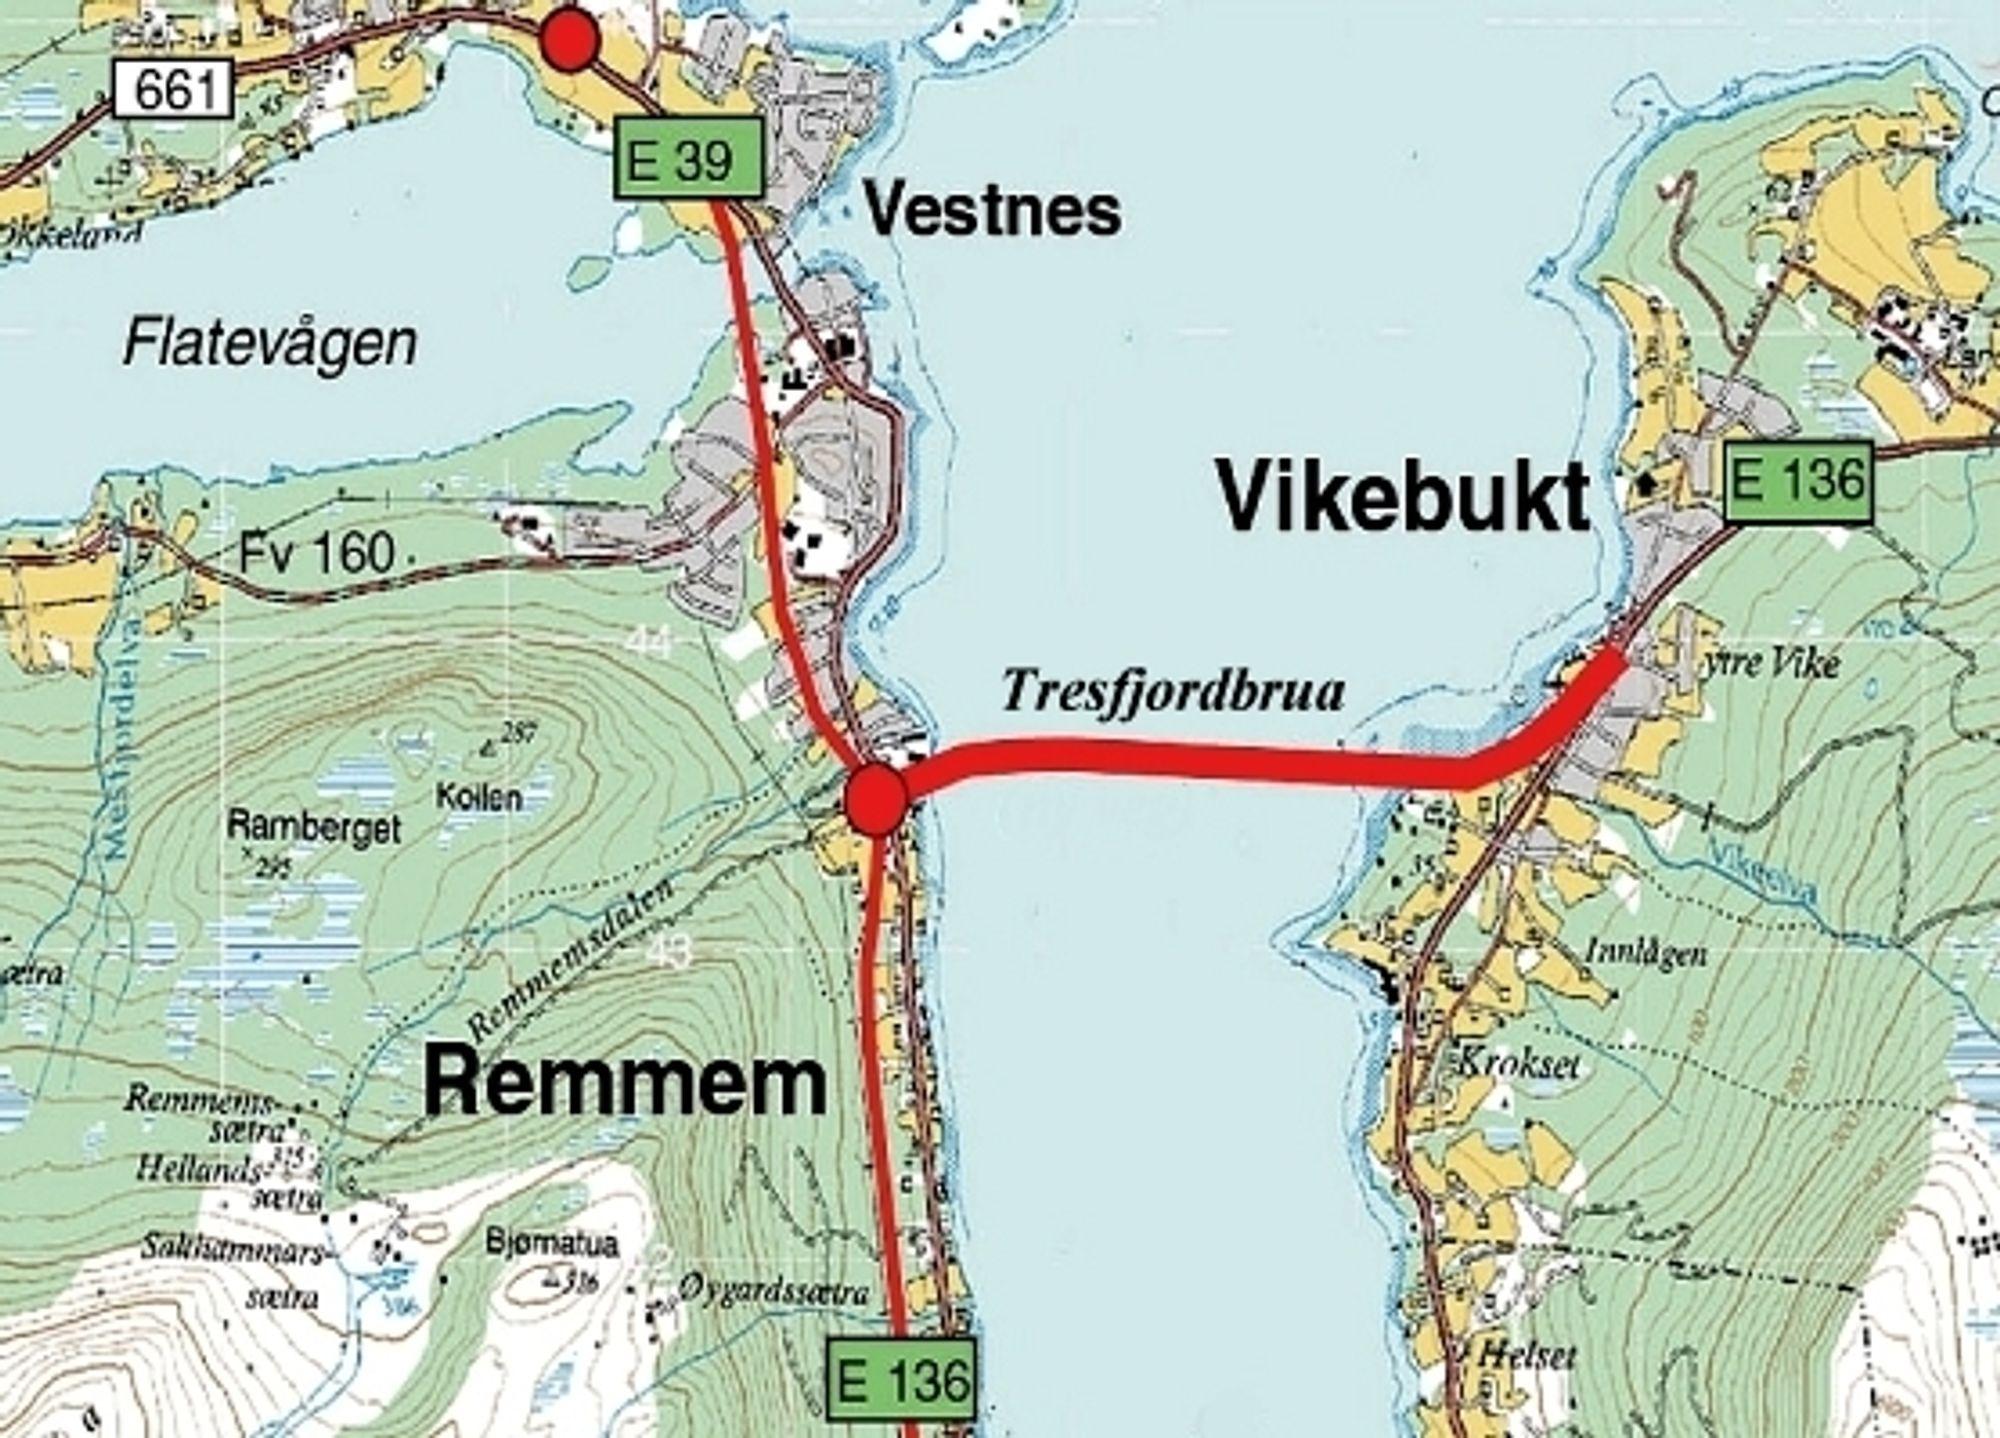 Fire rådgivningselskaper er interessert i å prosjektere Tresfjordbrua. Anbudene varierer mellom 8,4 og 10,9 millioner kroner.